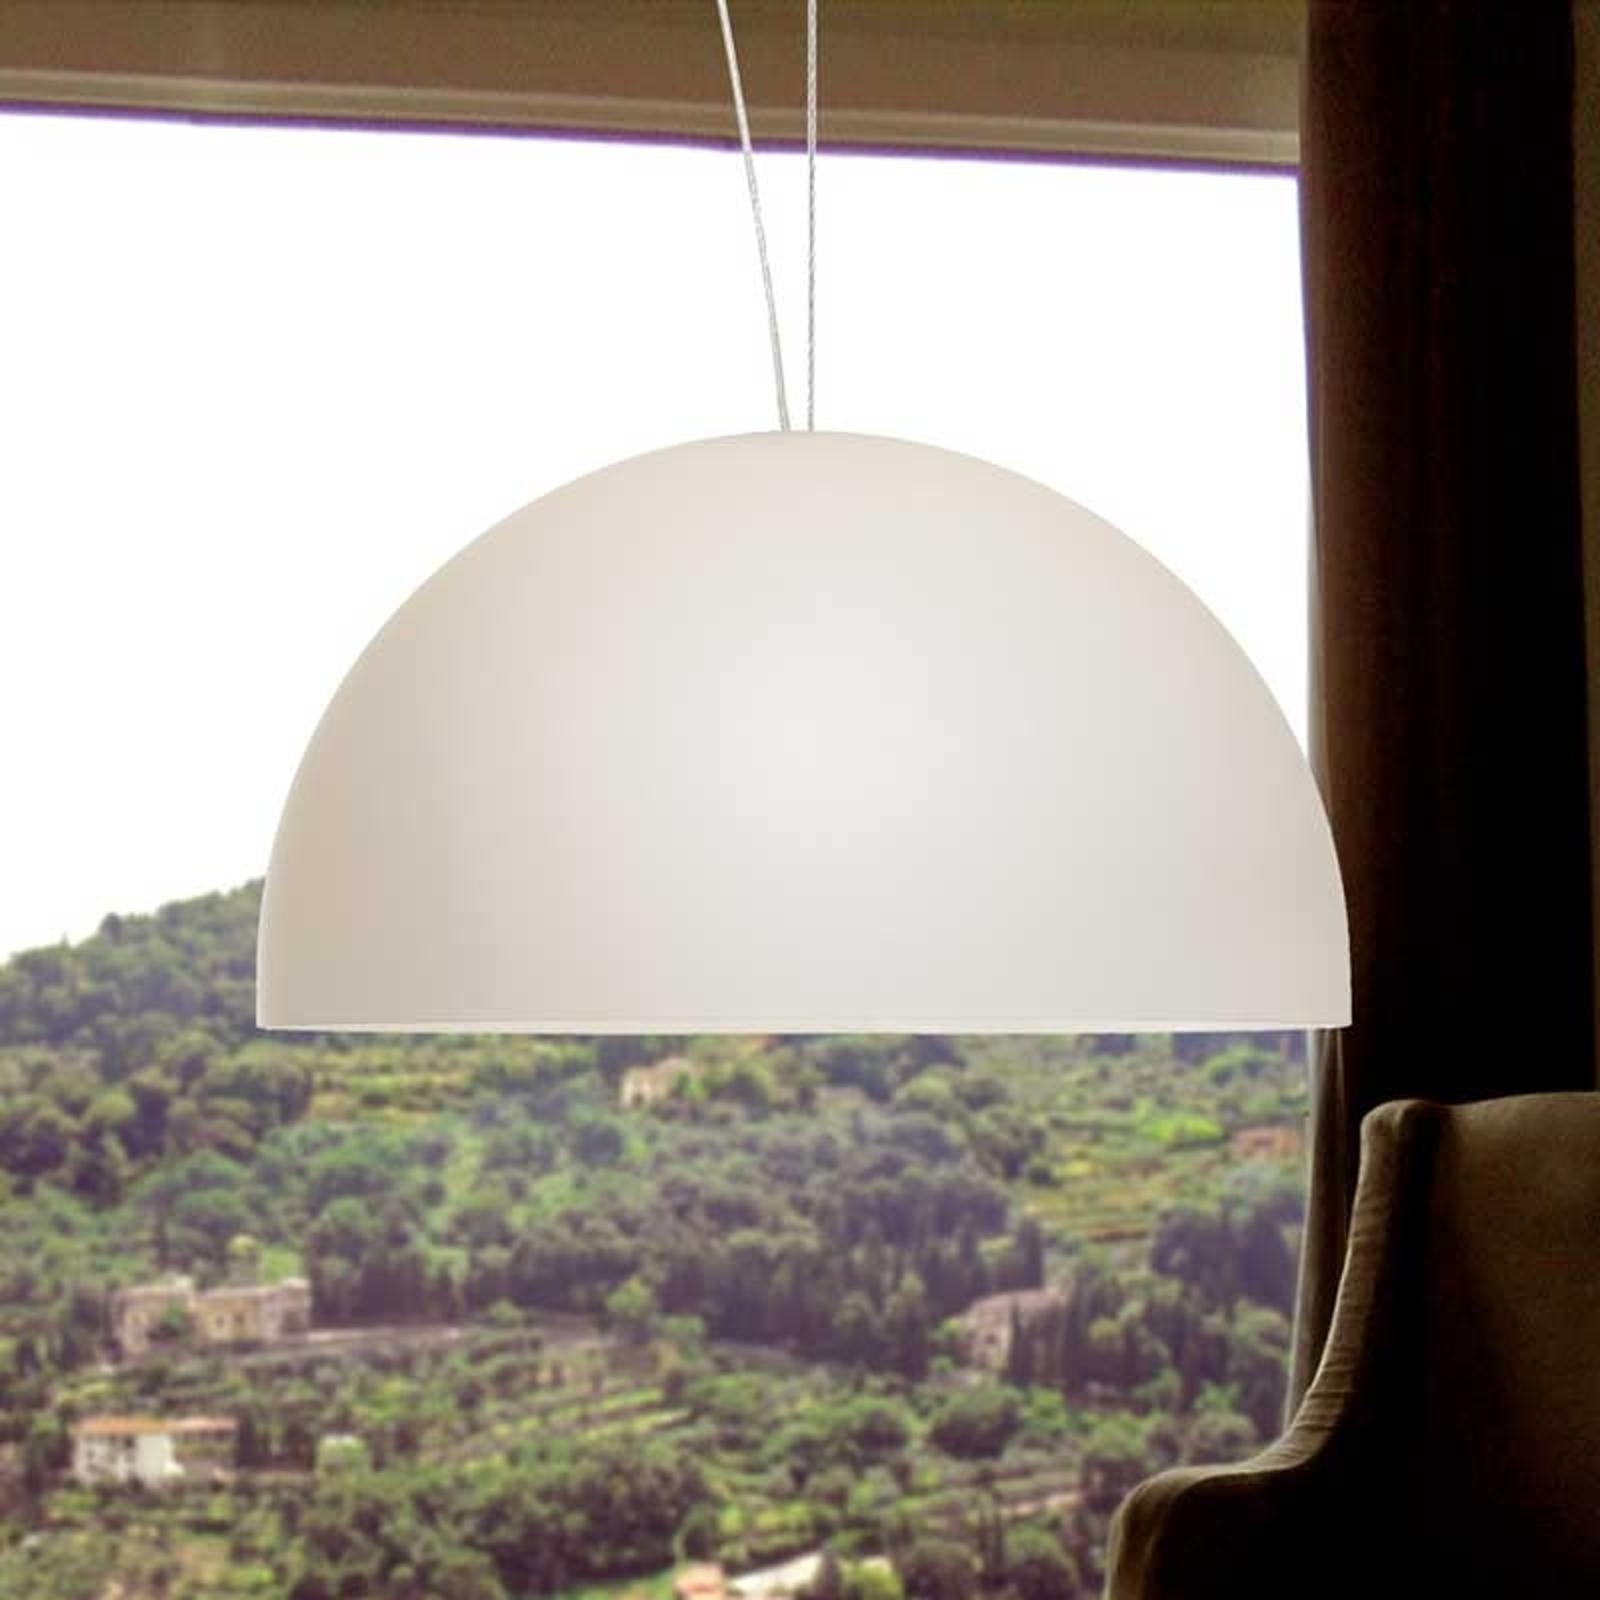 BOWL pendellampe med 1 lyskilde, 26 cm